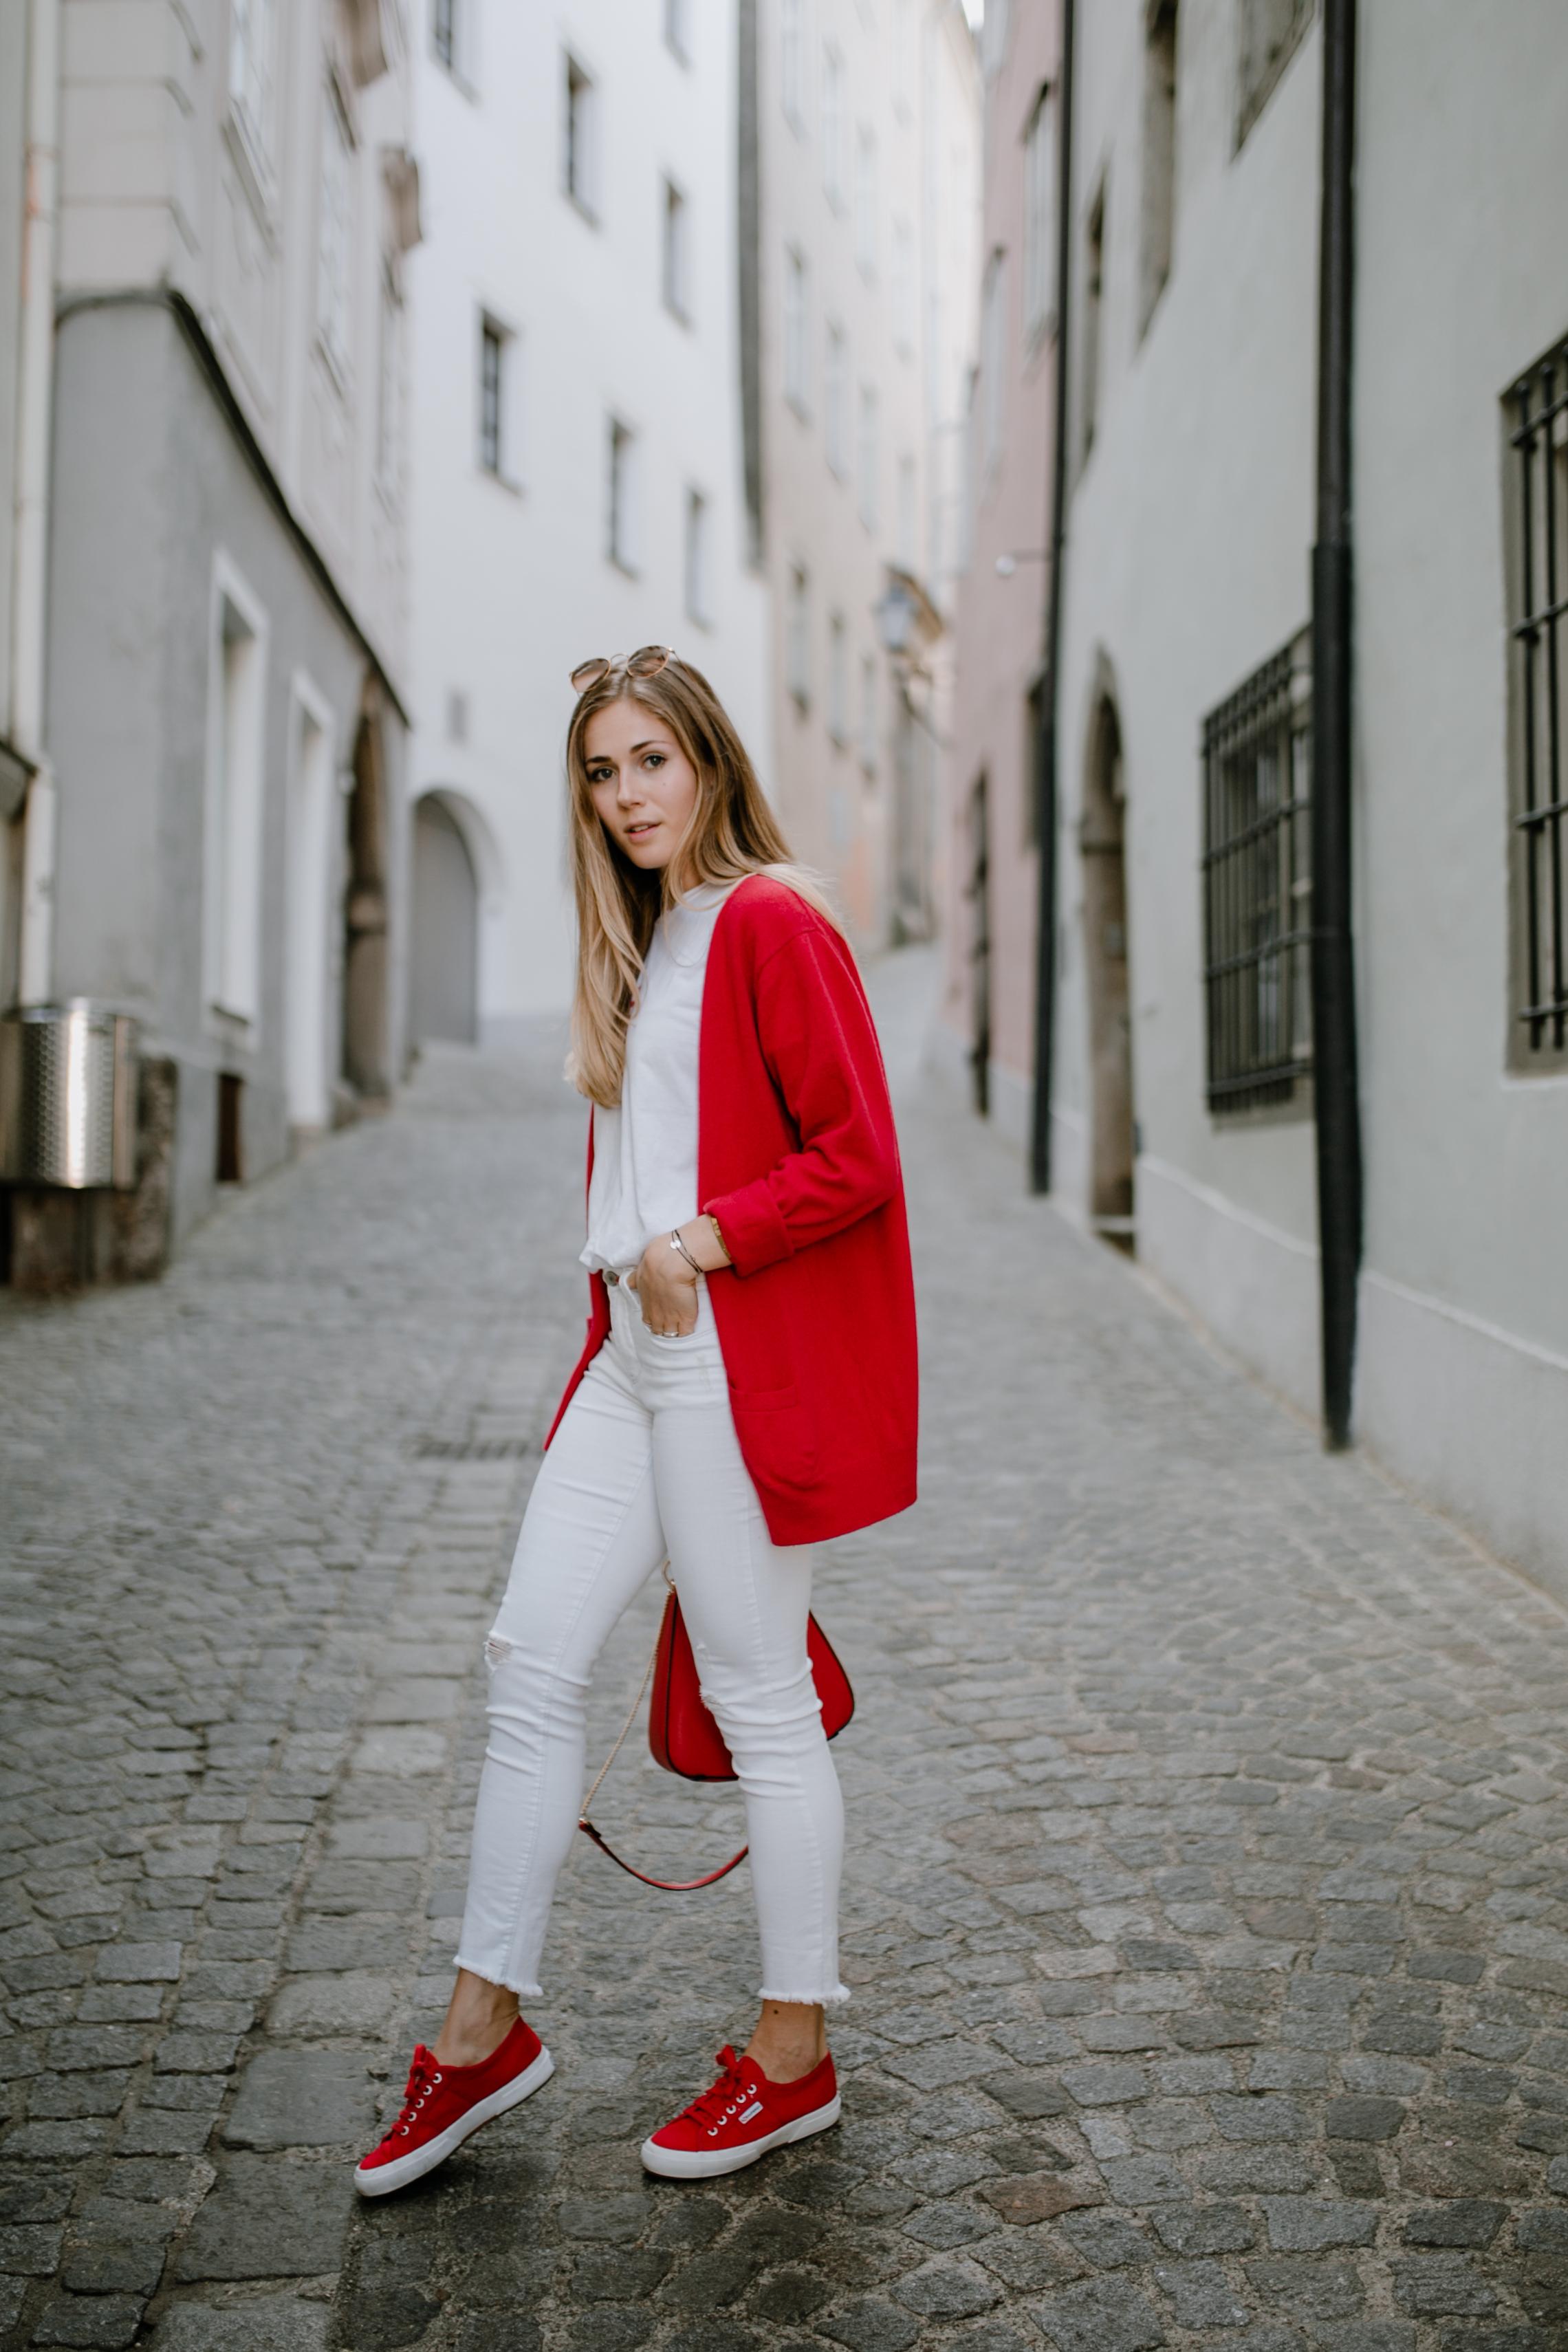 Outfit: From Midtown To East Village auf dem österreichischen Lifestyle Blog Bits and Bobs by Eva. Mehr Fashion & Mango New York Shirt auf www.bitsandbobsbyeva.com